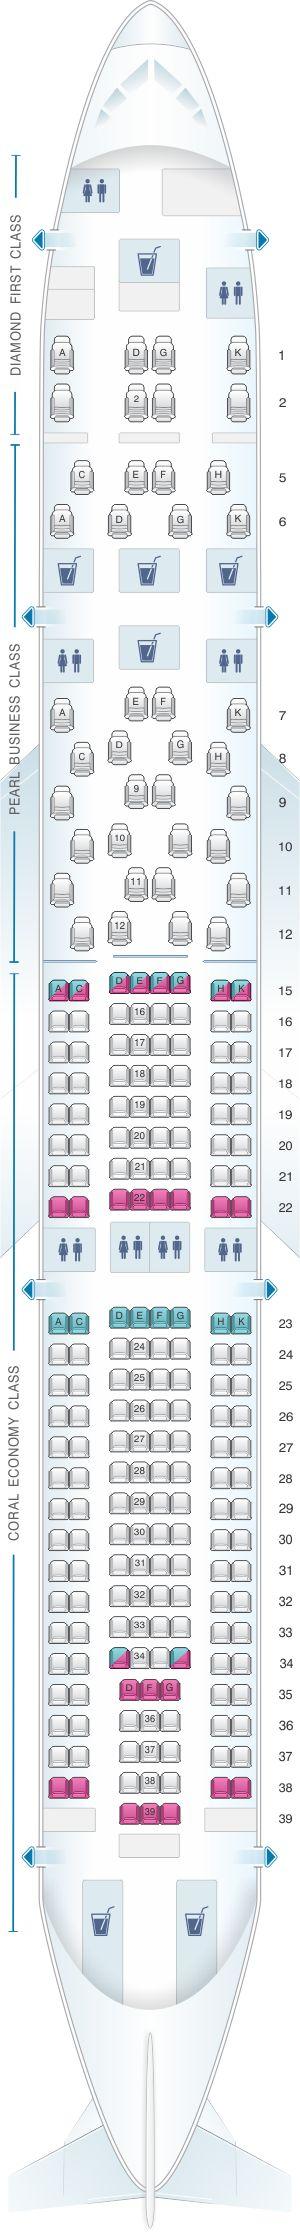 Seat Map Etihad Airways Airbus A330 300